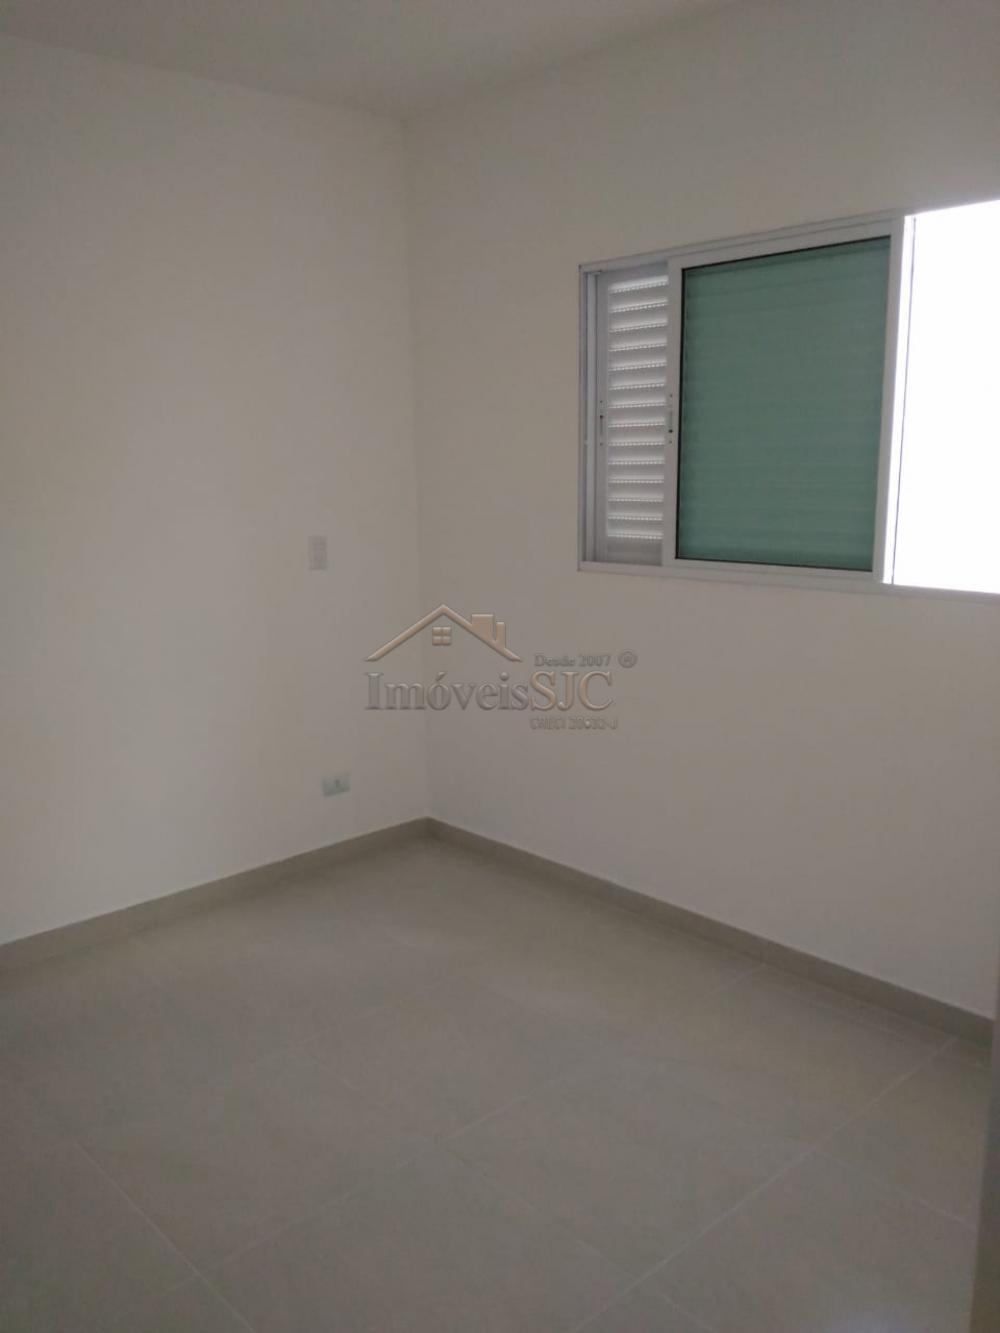 Comprar Casas / Padrão em São José dos Campos apenas R$ 395.000,00 - Foto 5